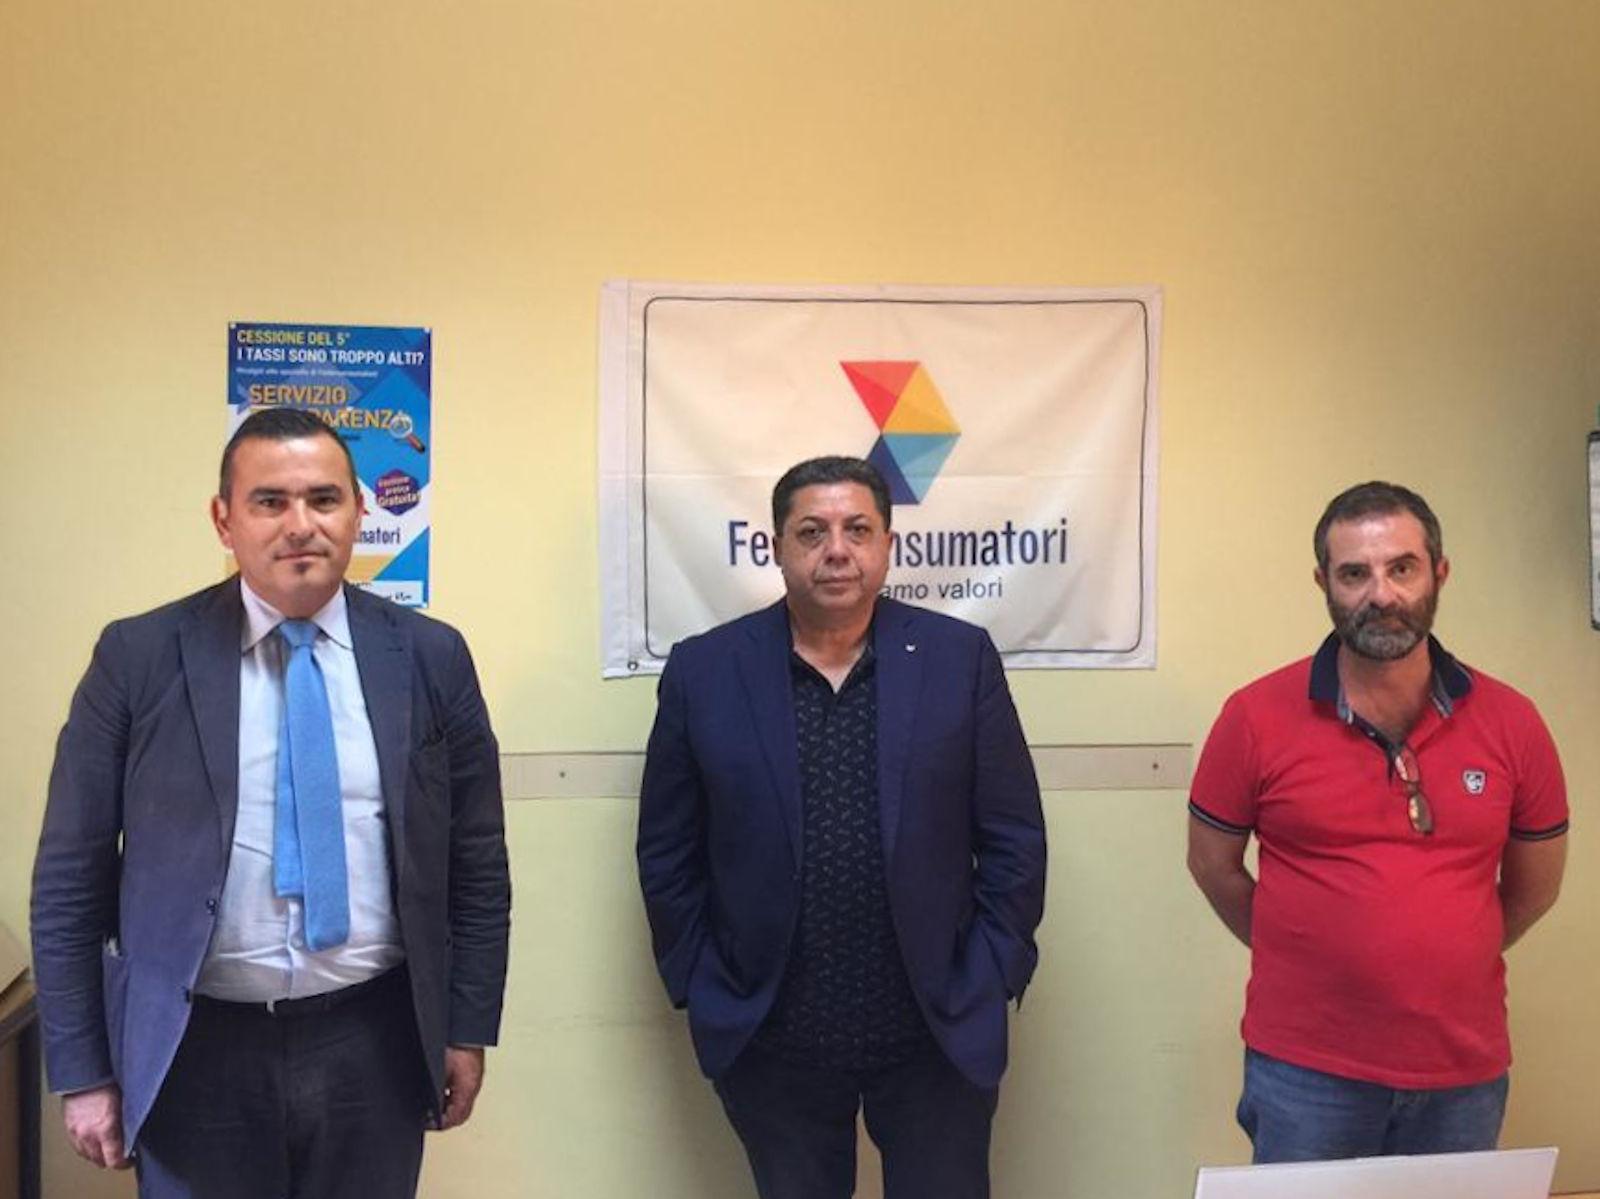 Federconsumatori rafforza la sua presenza a Messina: tre nuovi sportelli per l'area nebroidea